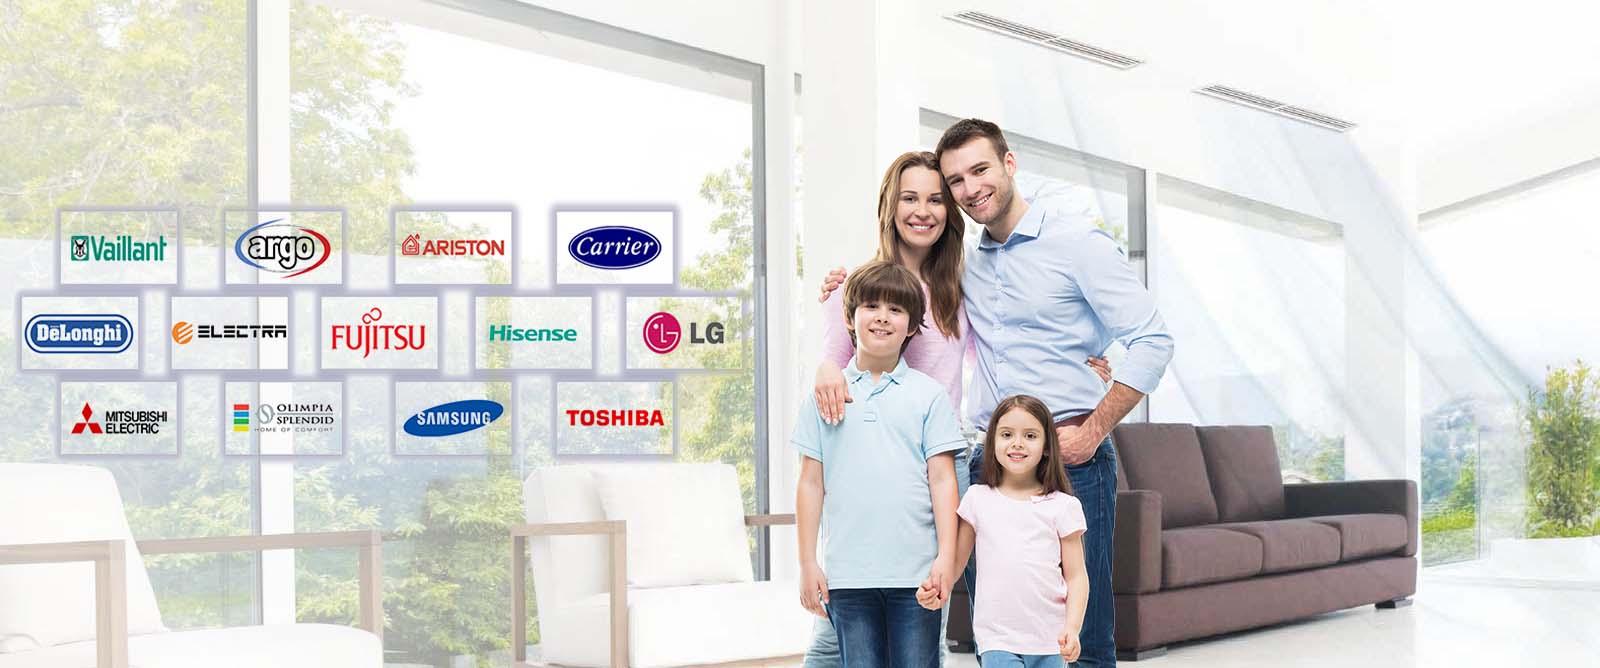 Assistenza Condizionatori Toshiba Vermicino - Assistenza a Vermicino. Contattaci ora per avere tutte le informazioni inerenti a Assistenza Condizionatori Toshiba Vermicino, risponderemo il prima possibile.